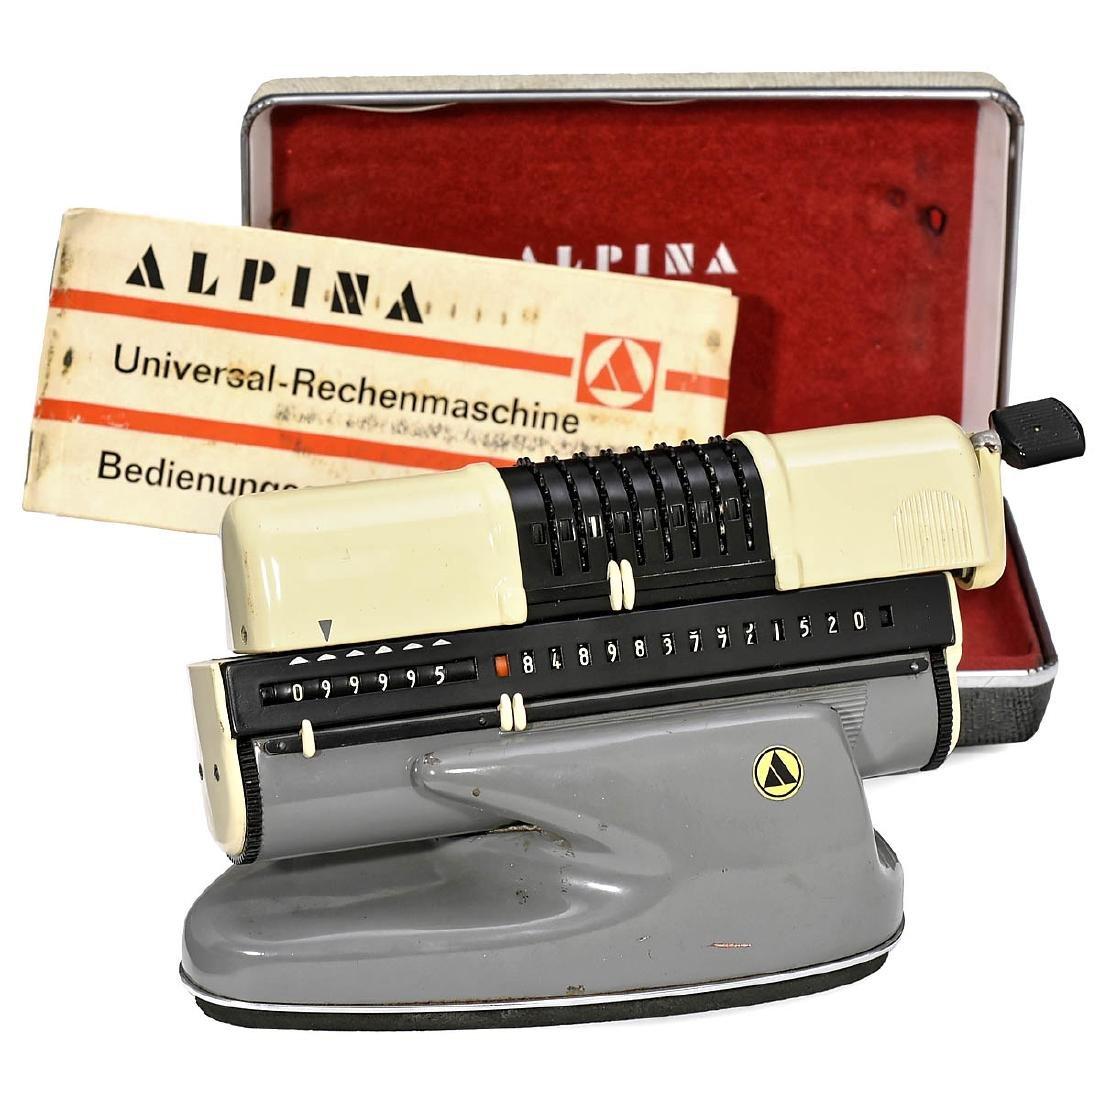 Alpina, 1961